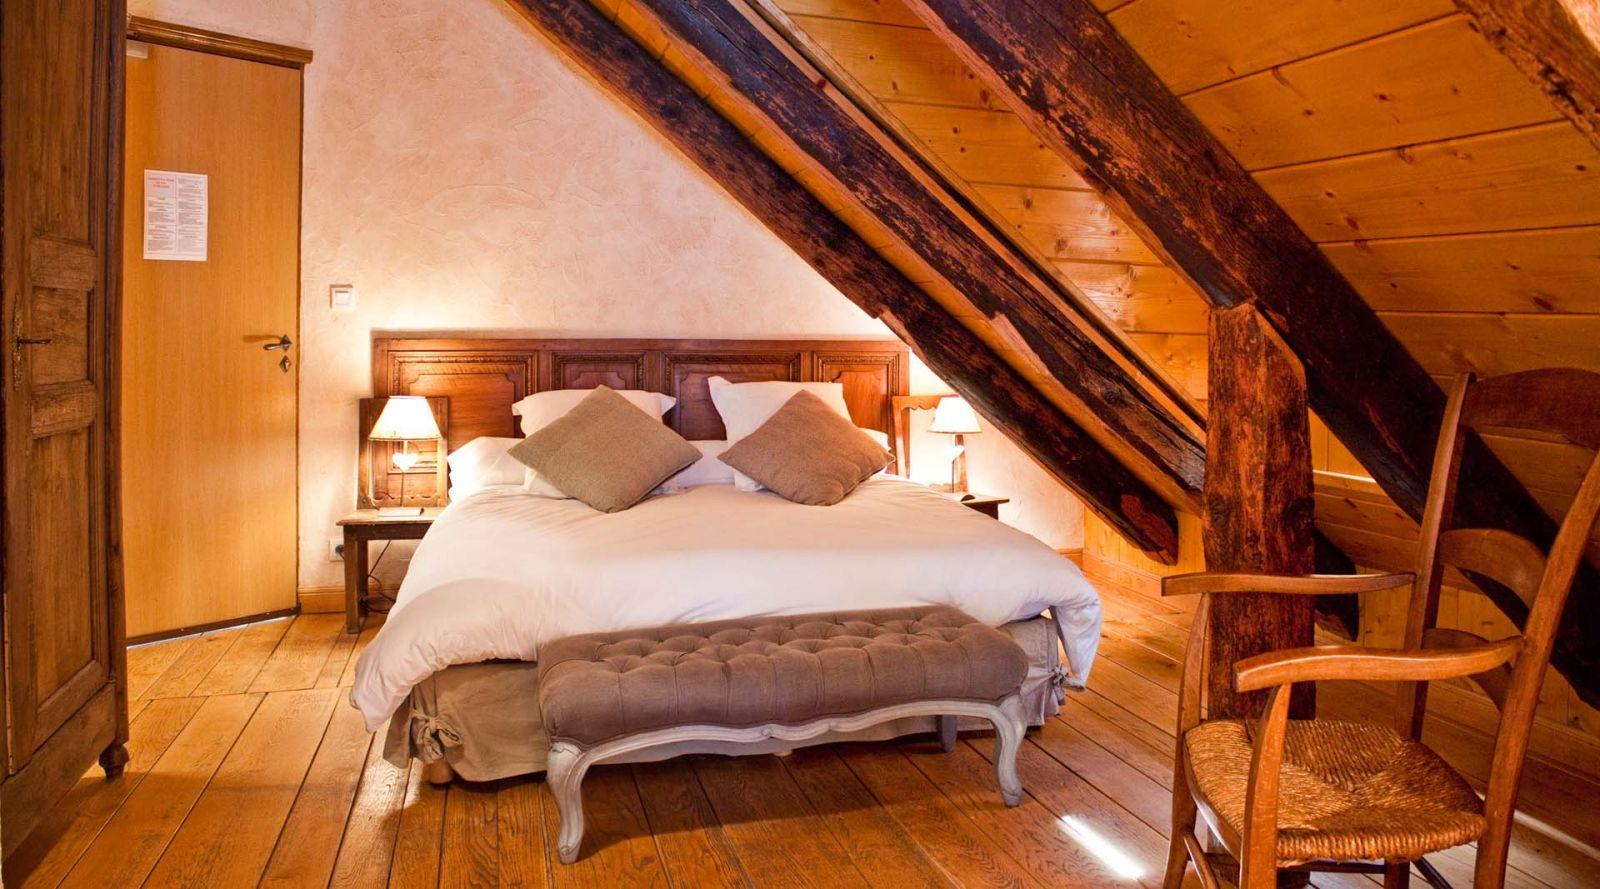 """Chambre """"Comtoise"""" Auberge du Puy Mary Auberge AIJEAN dans le cantal"""